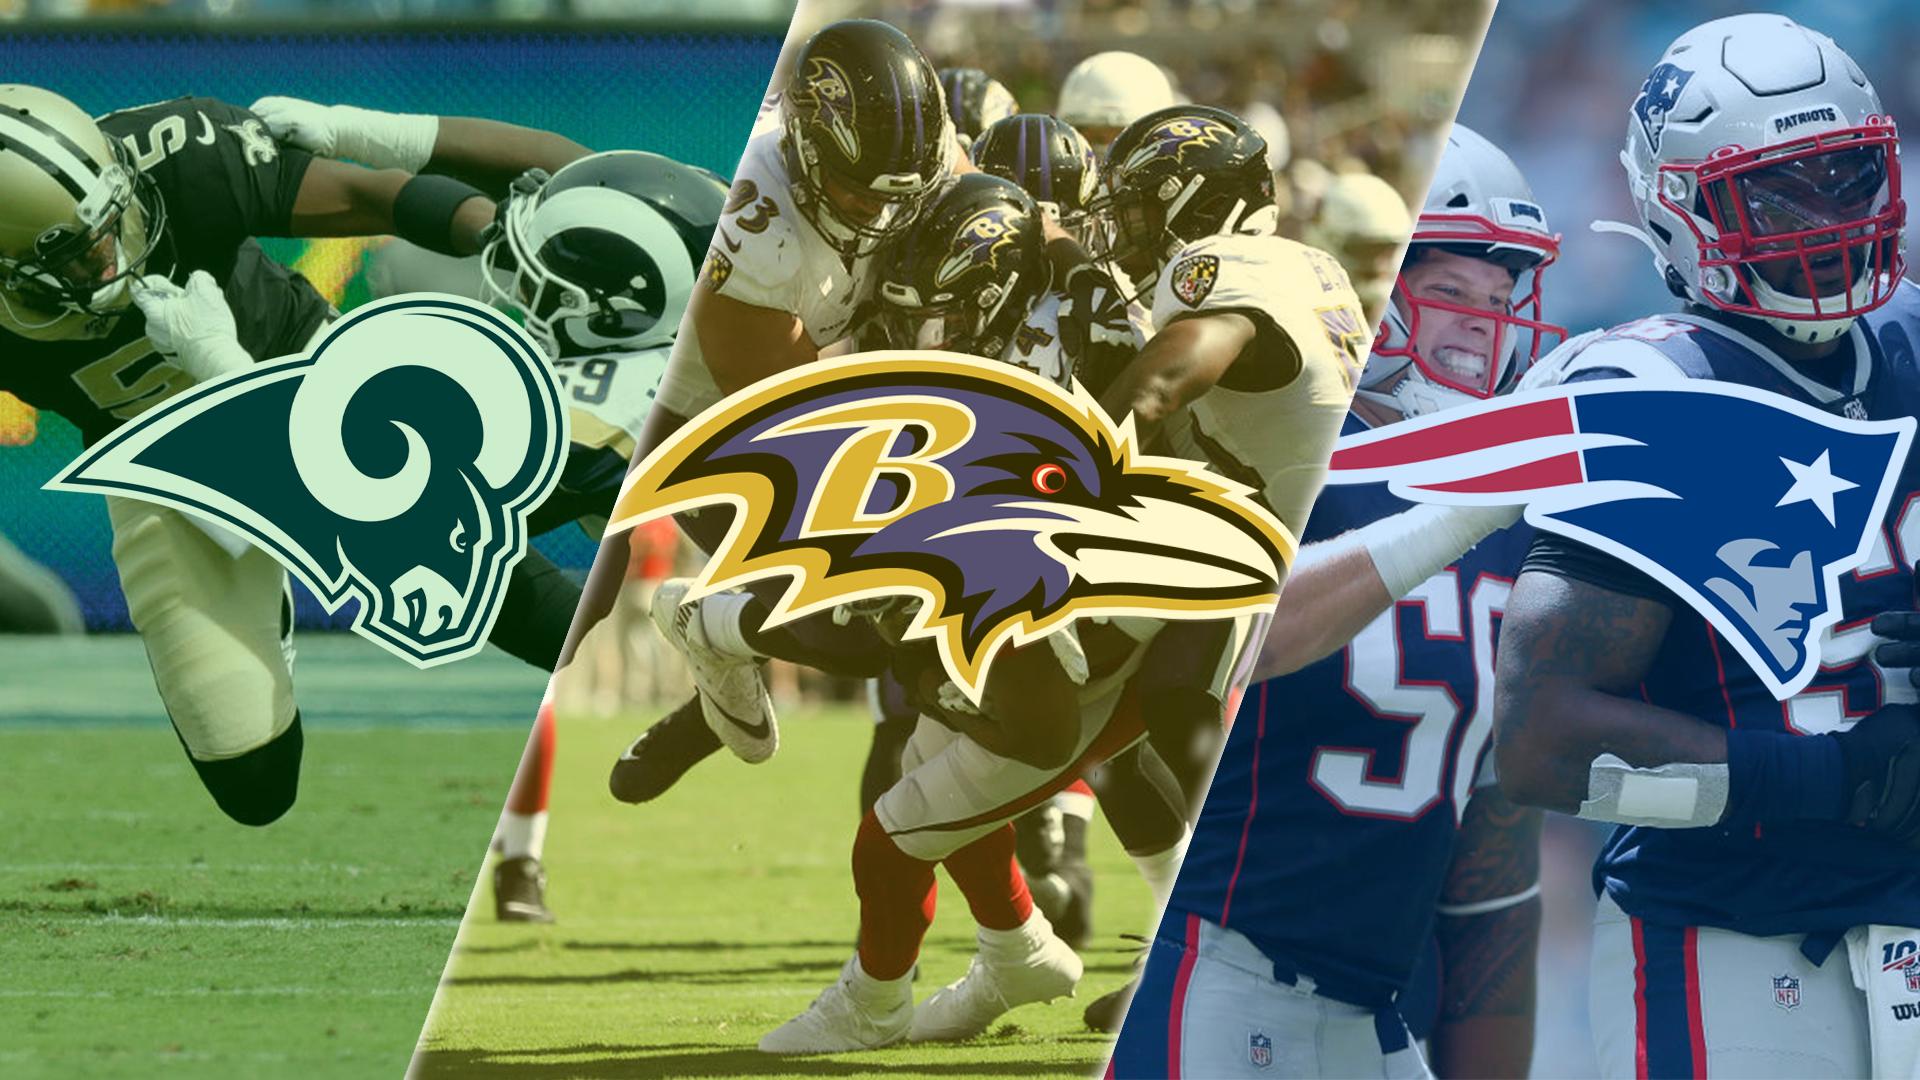 Top 5 Defenses in NFL screen capture